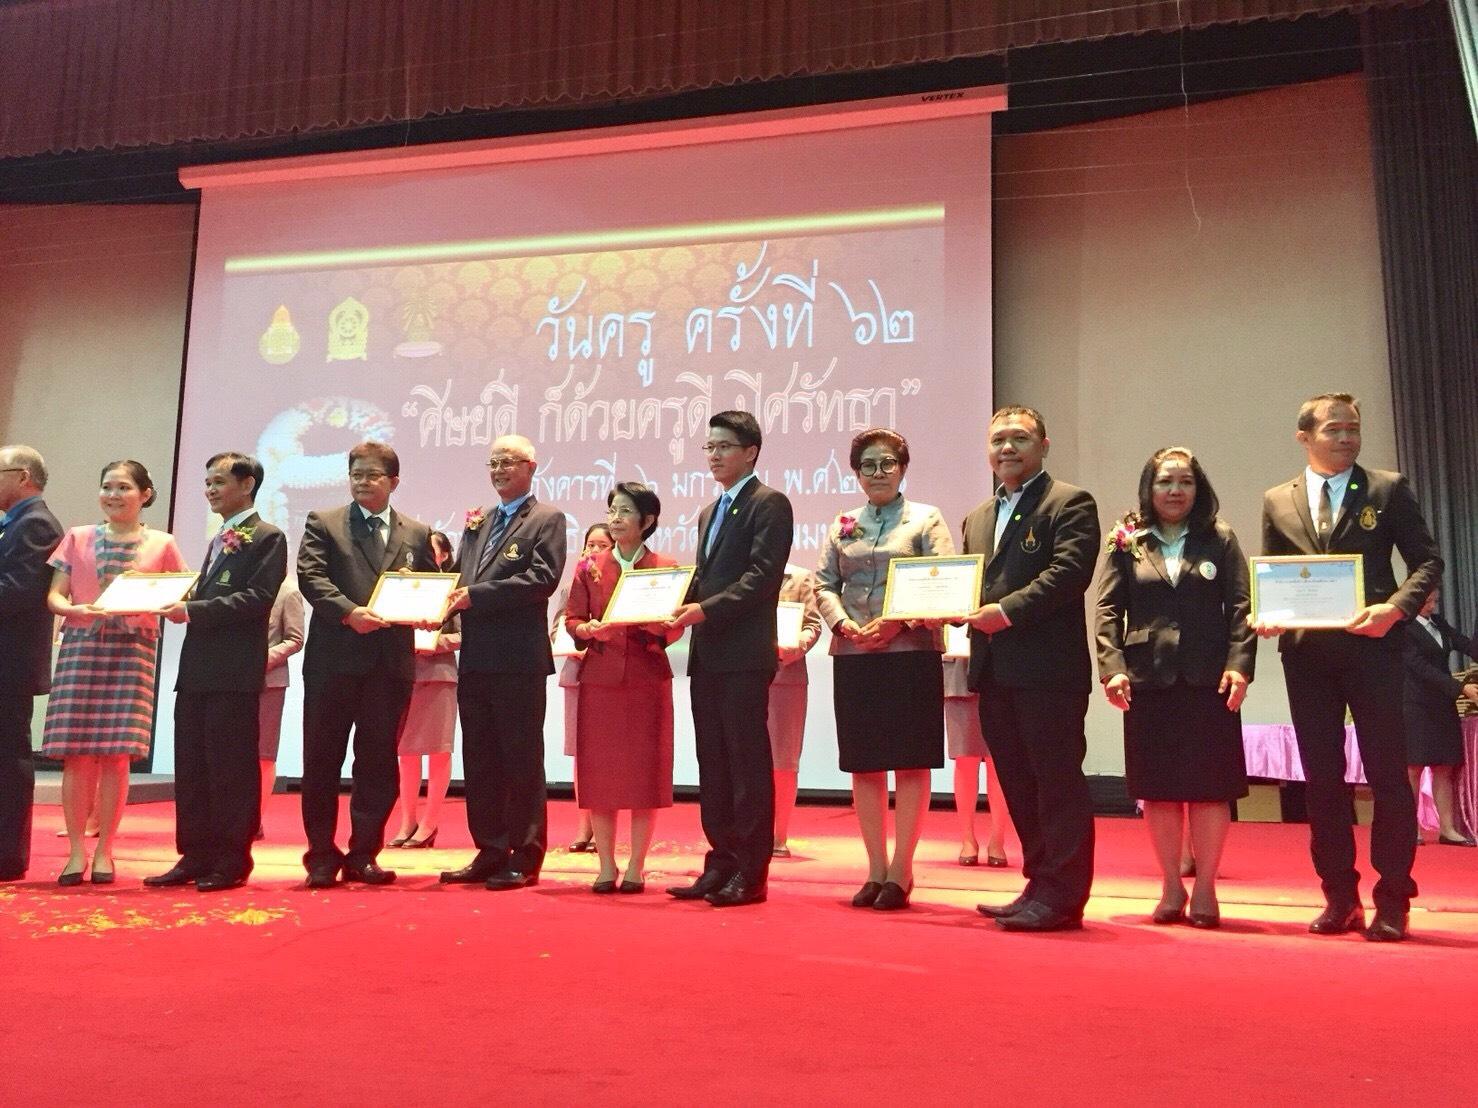 รางวัล สพม.1 SESAO1 AWARDS ประจำปี 2560